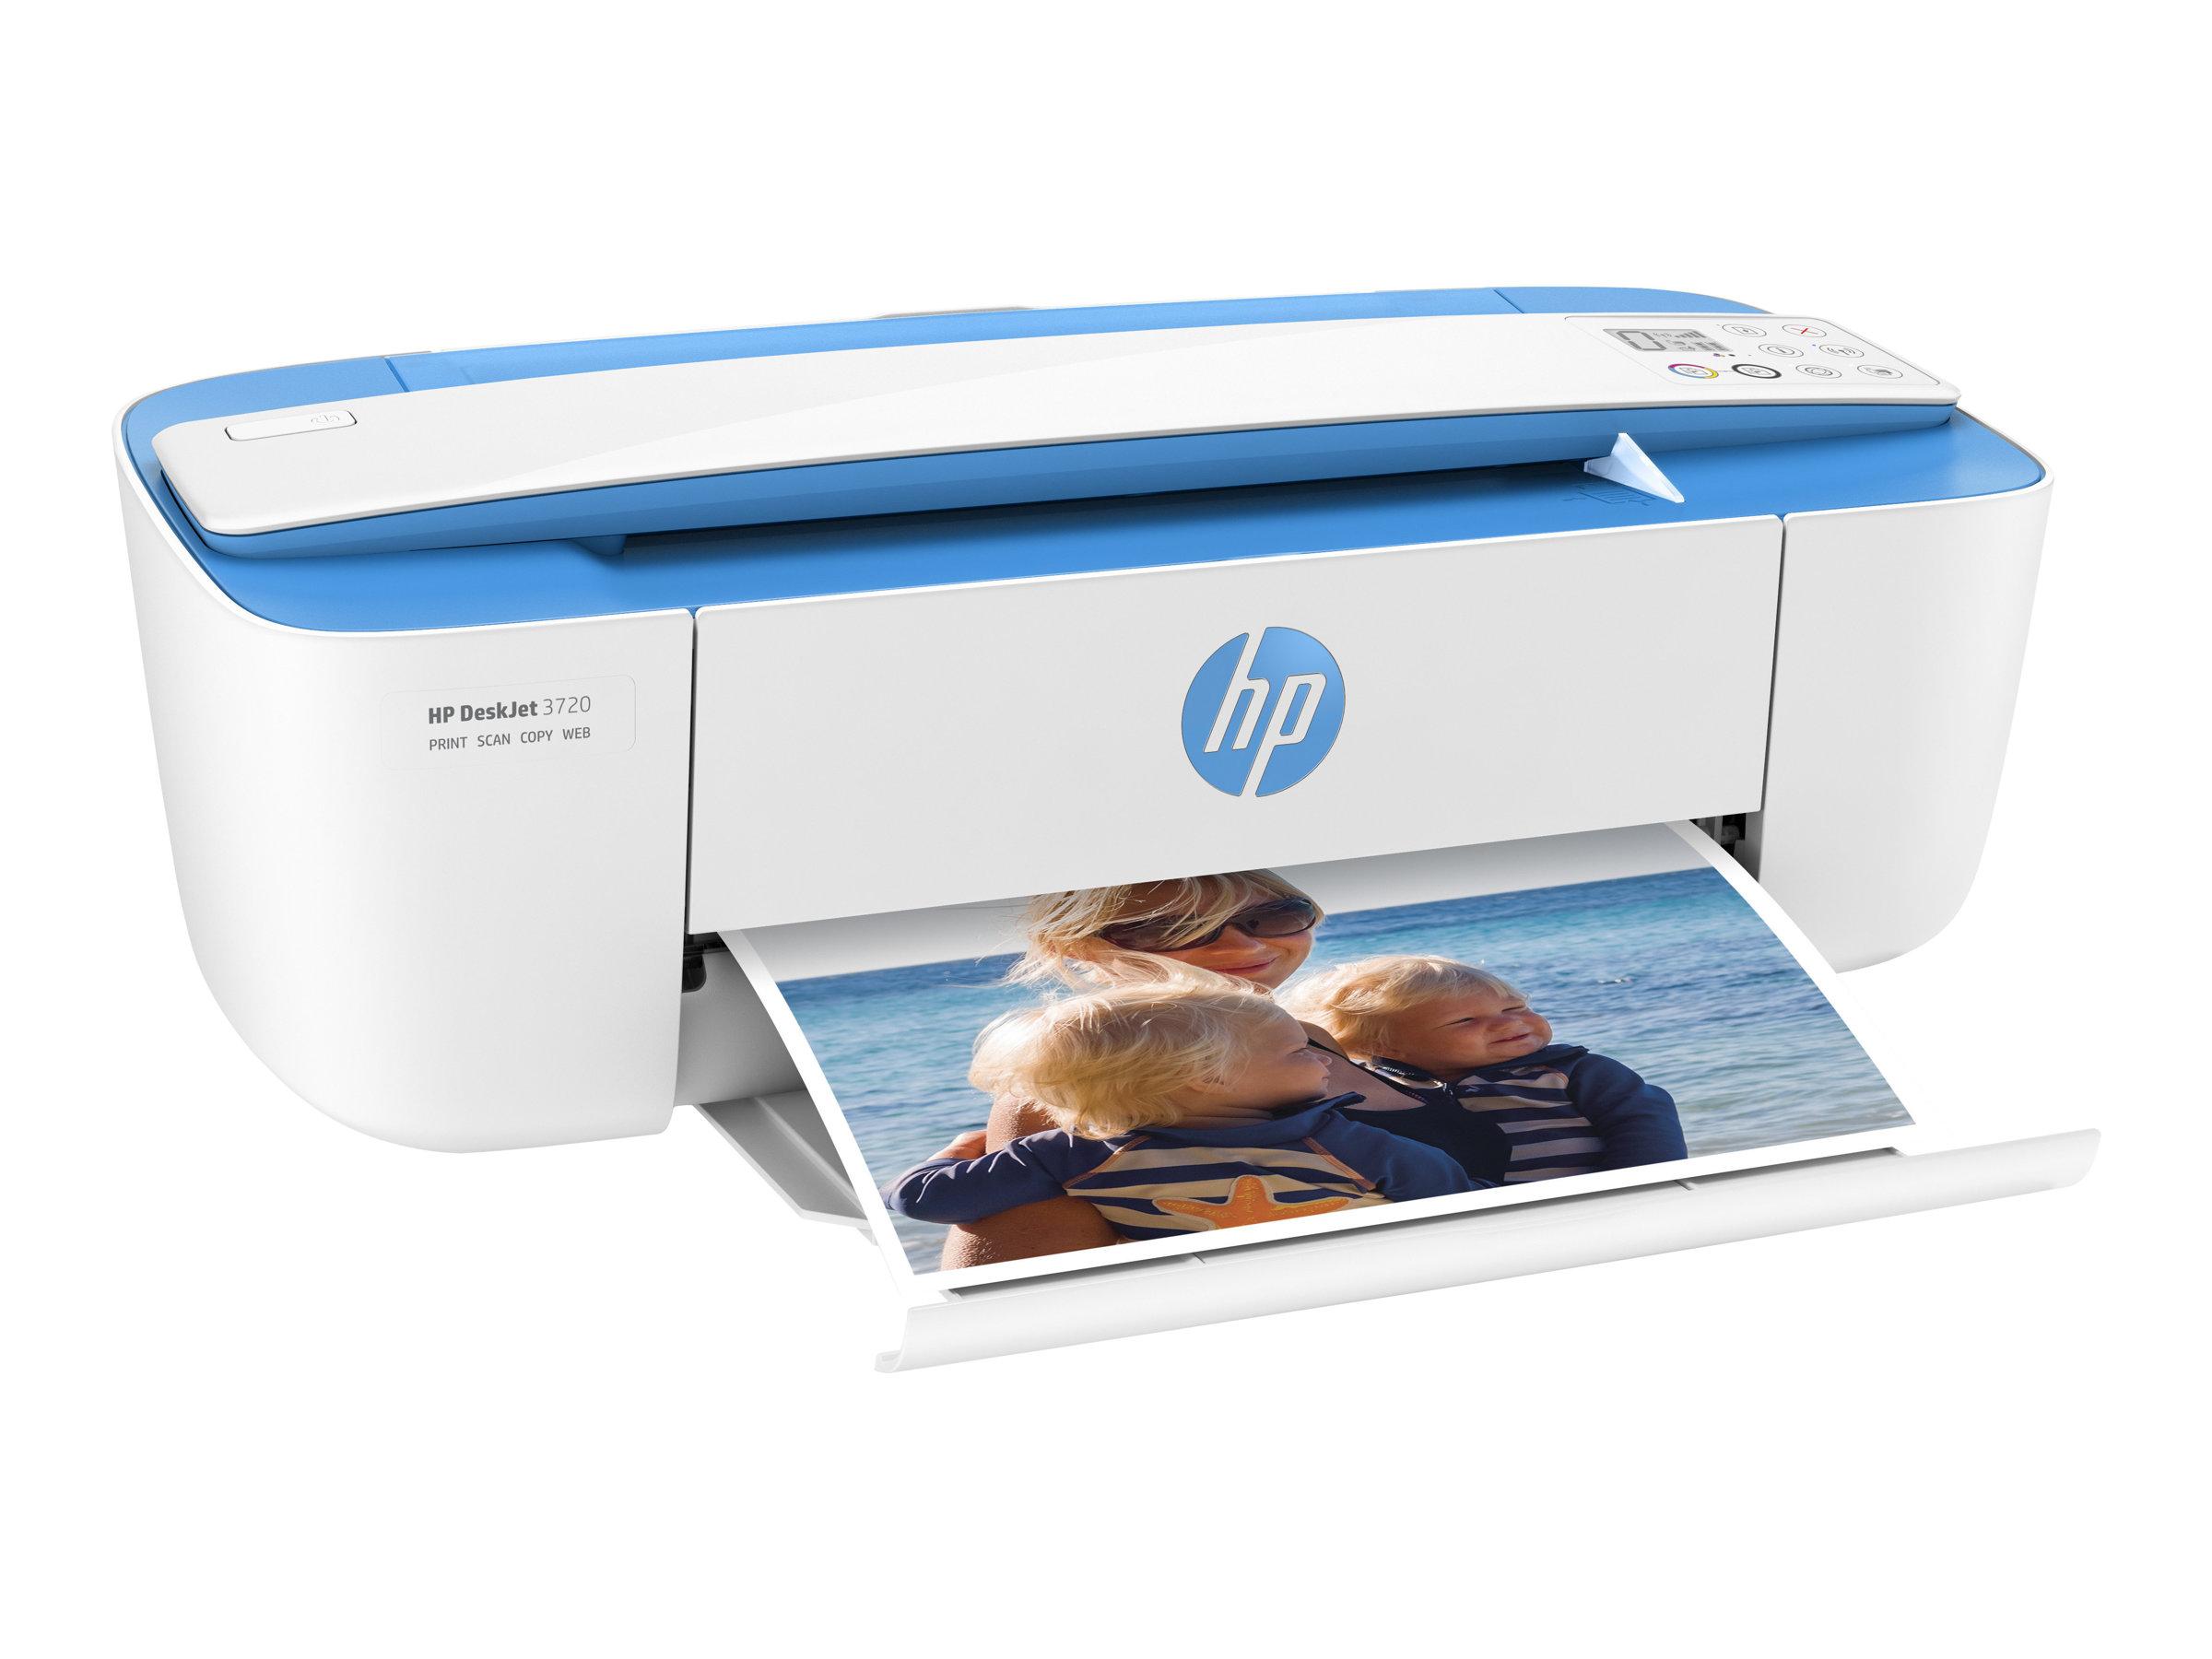 HP Deskjet 3720 All-in-One - Multifunktionsdrucker